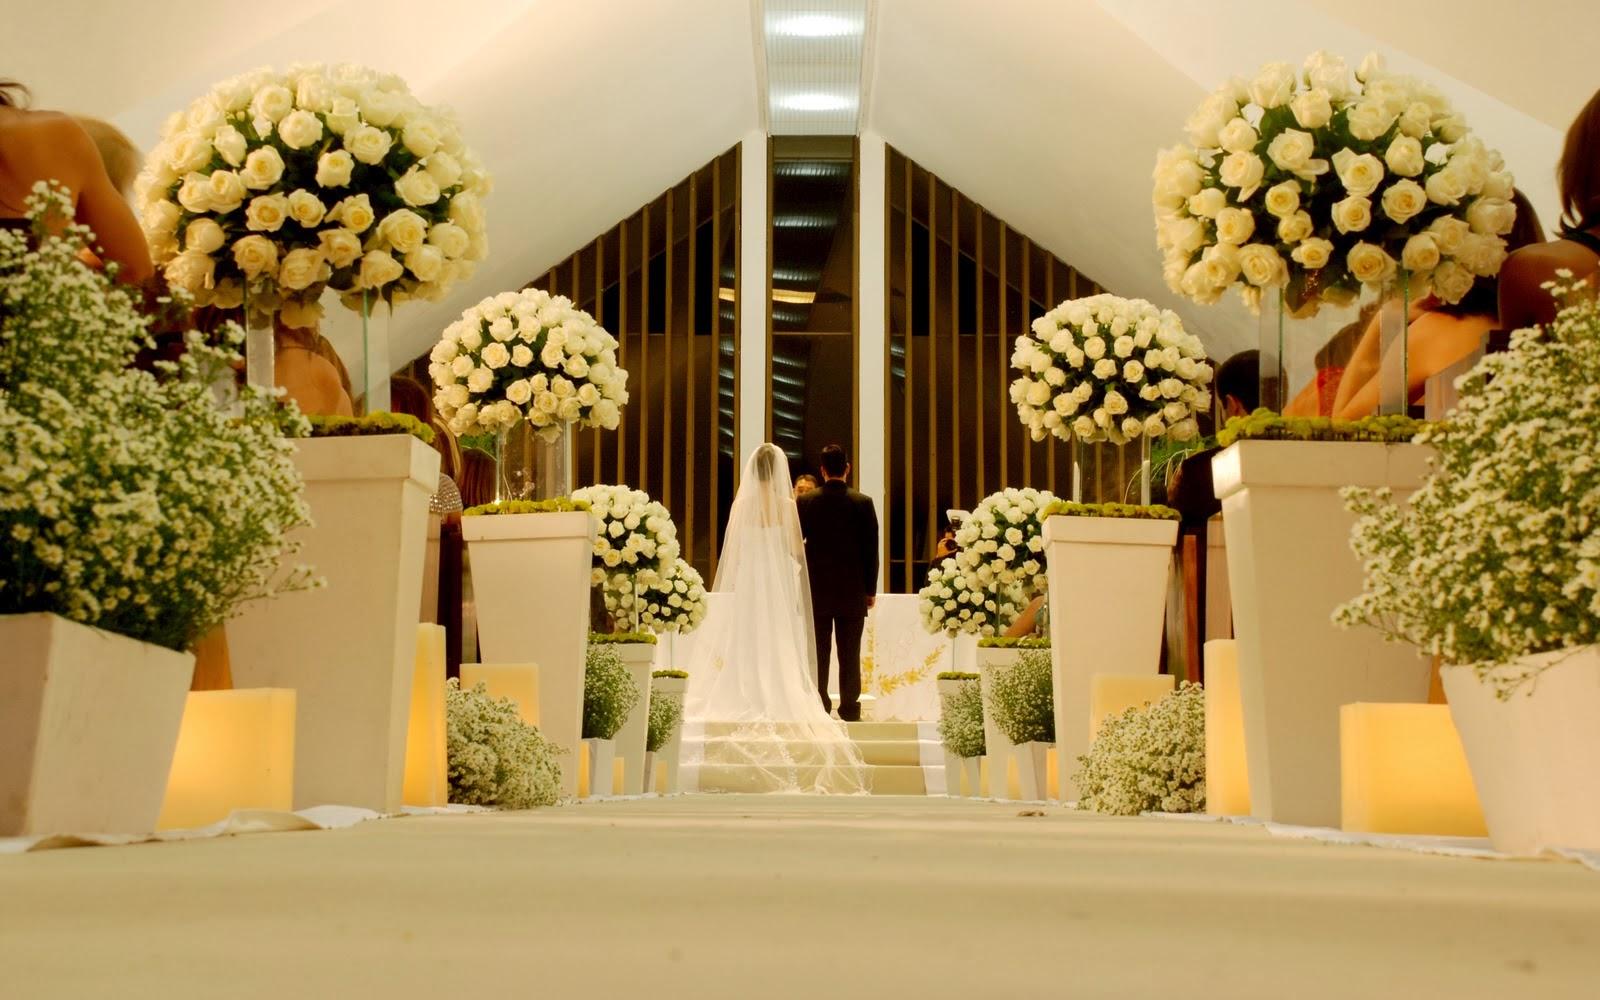 Enfeite De Igreja ~ Sou noiva! Igrejas católicas